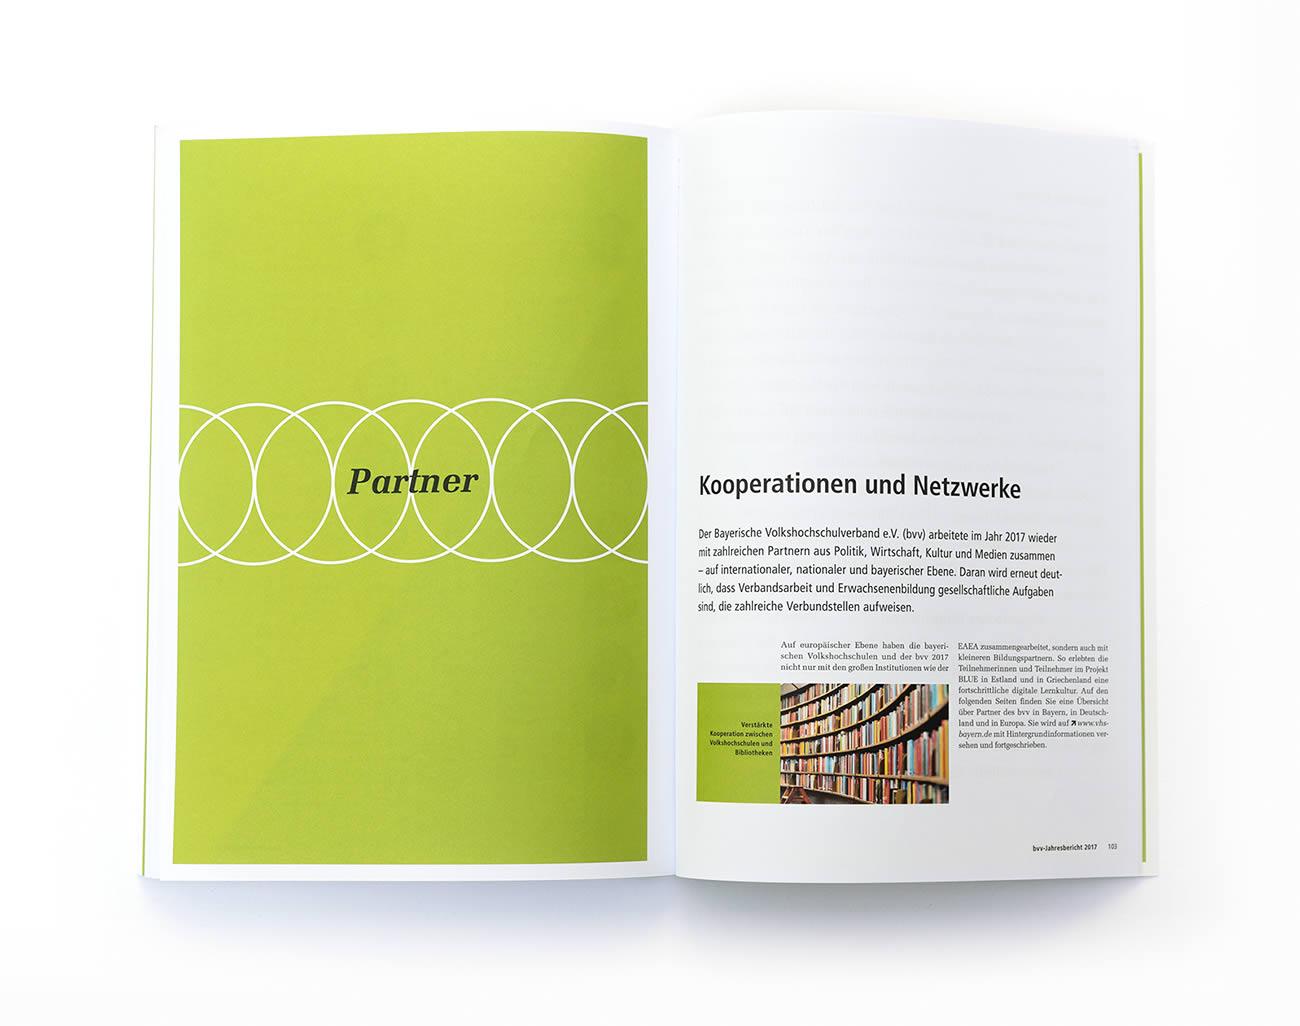 Petermeyer Zimmerer, Editorial, bvv Jahresbericht 2018, Bayerischer Volkshochschulverband, Design by pz